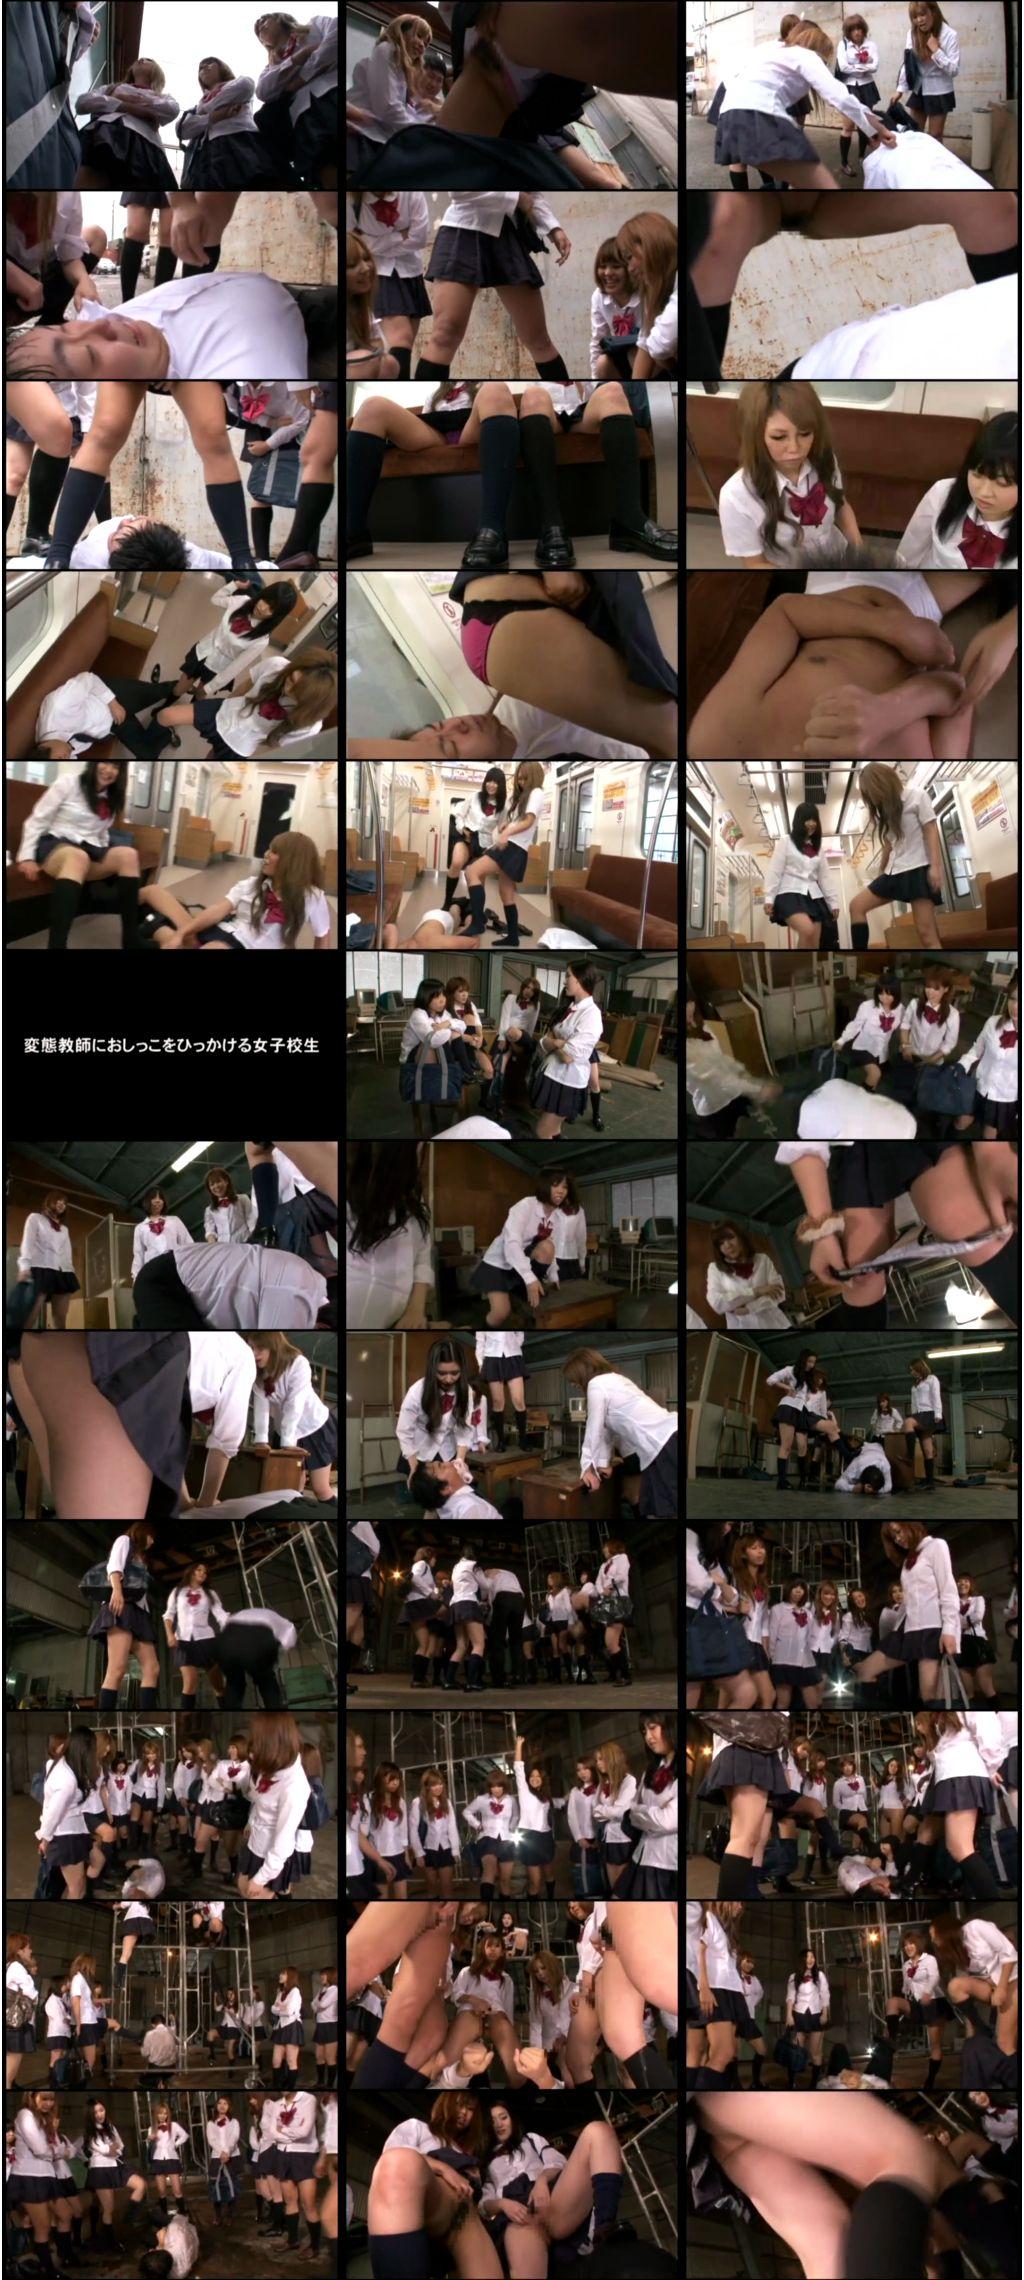 nfdm 168 s - [NFDM-168] 女子校生の集団放尿暴行  School Girls Blow Job/Handjob  Other Queen/SM フェラ・手コキ ジャパン有限会社